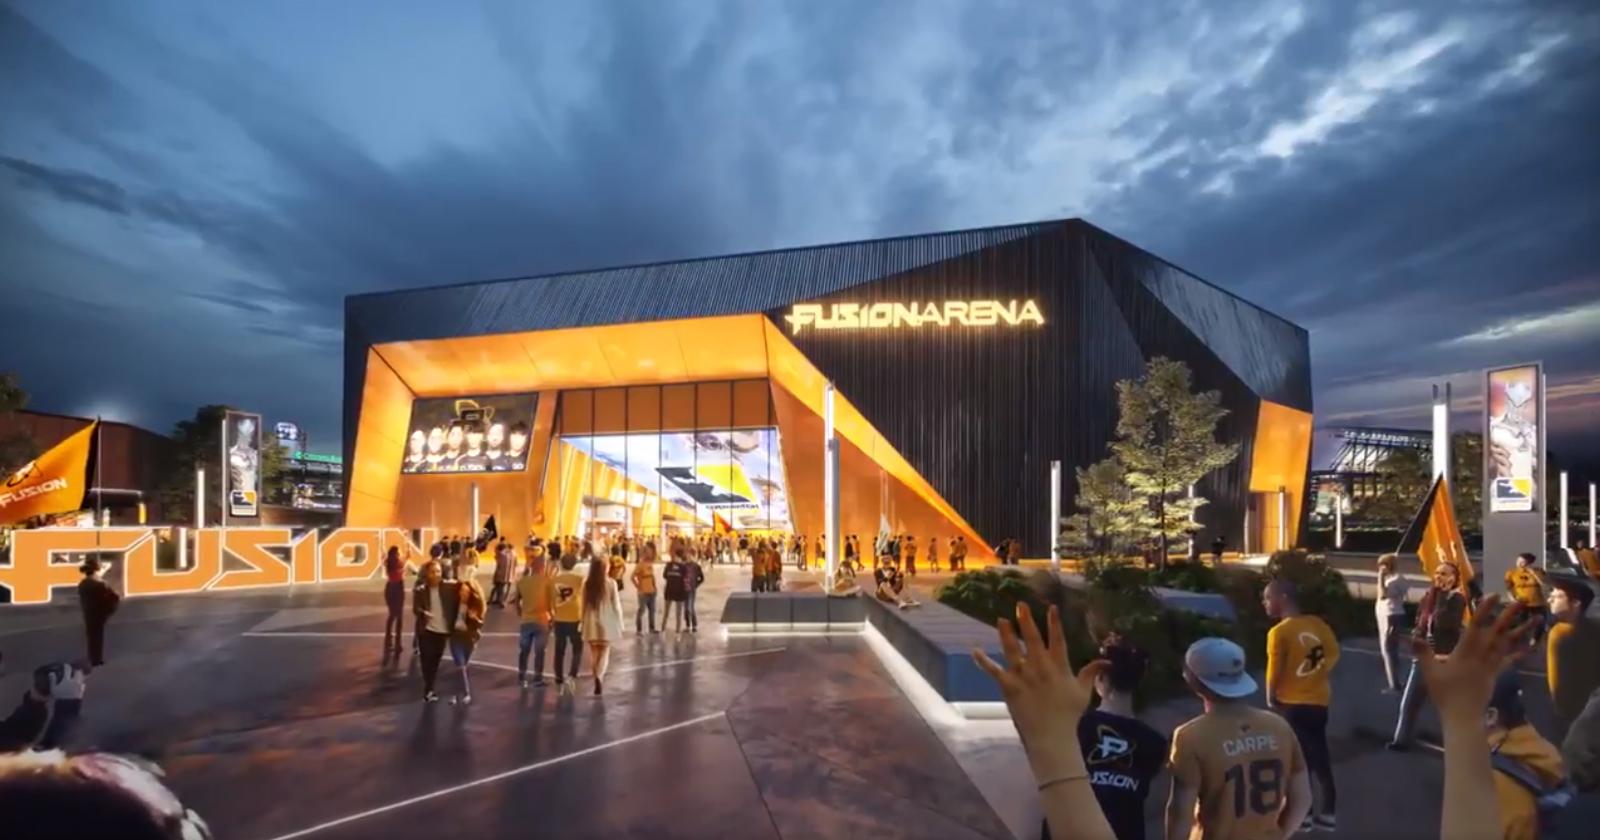 Une arène pour les Philadelphia Fusion en 2020